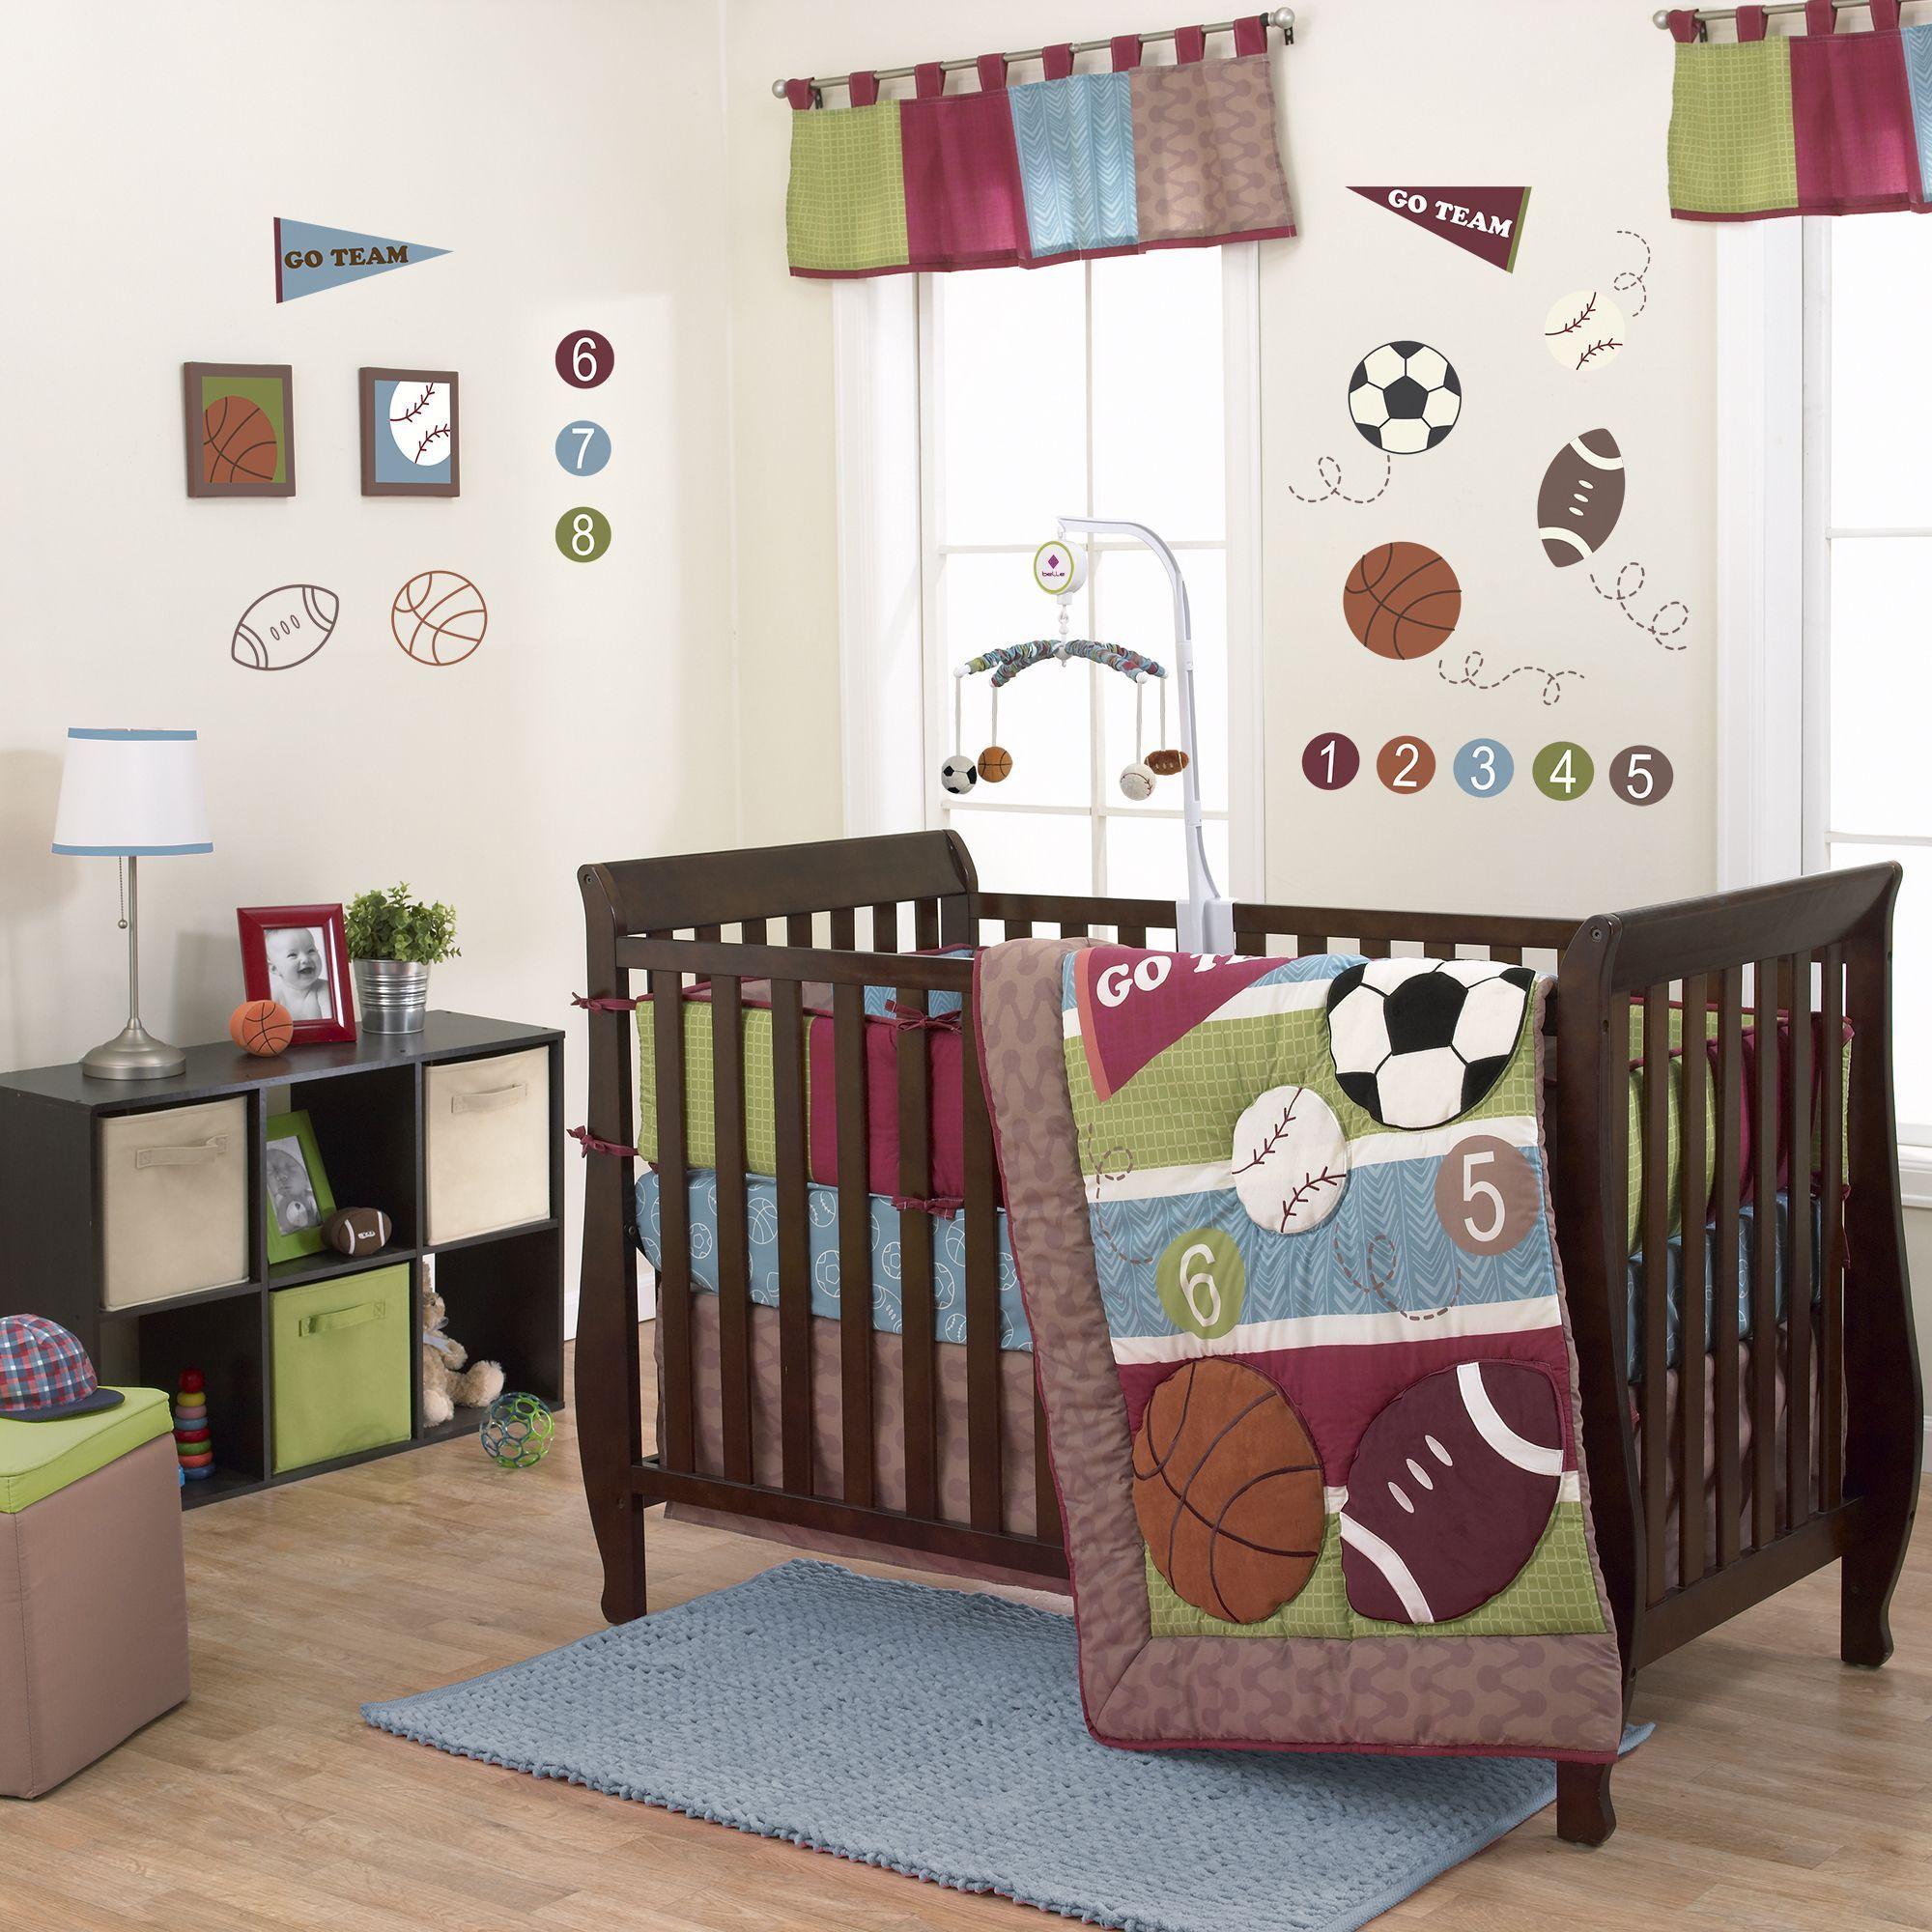 belle sports star 3 piece boy crib bedding set